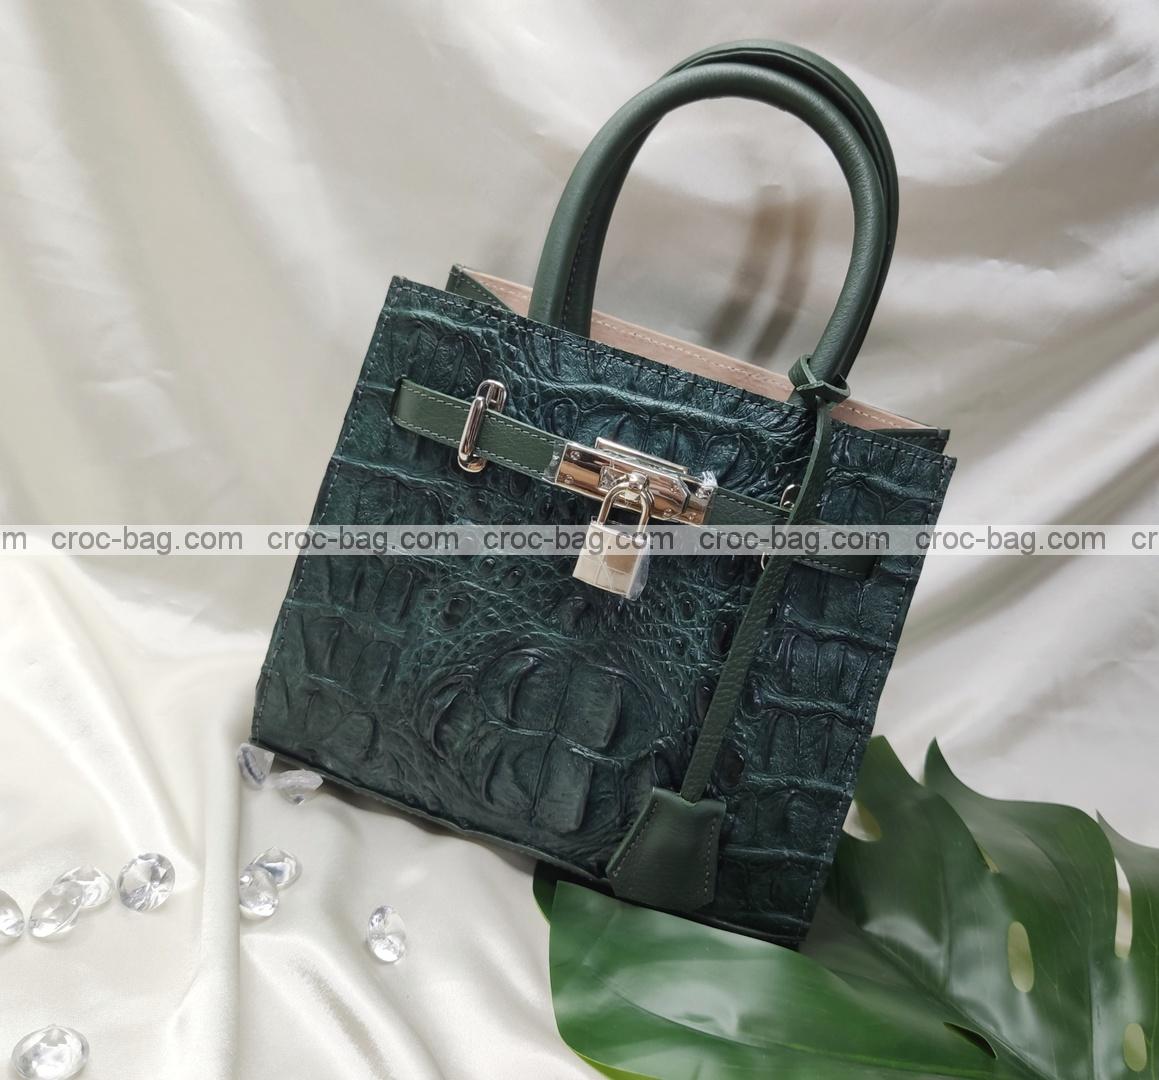 กระเป๋าหนังจระเข้สำหรับผู้หญิง 5435